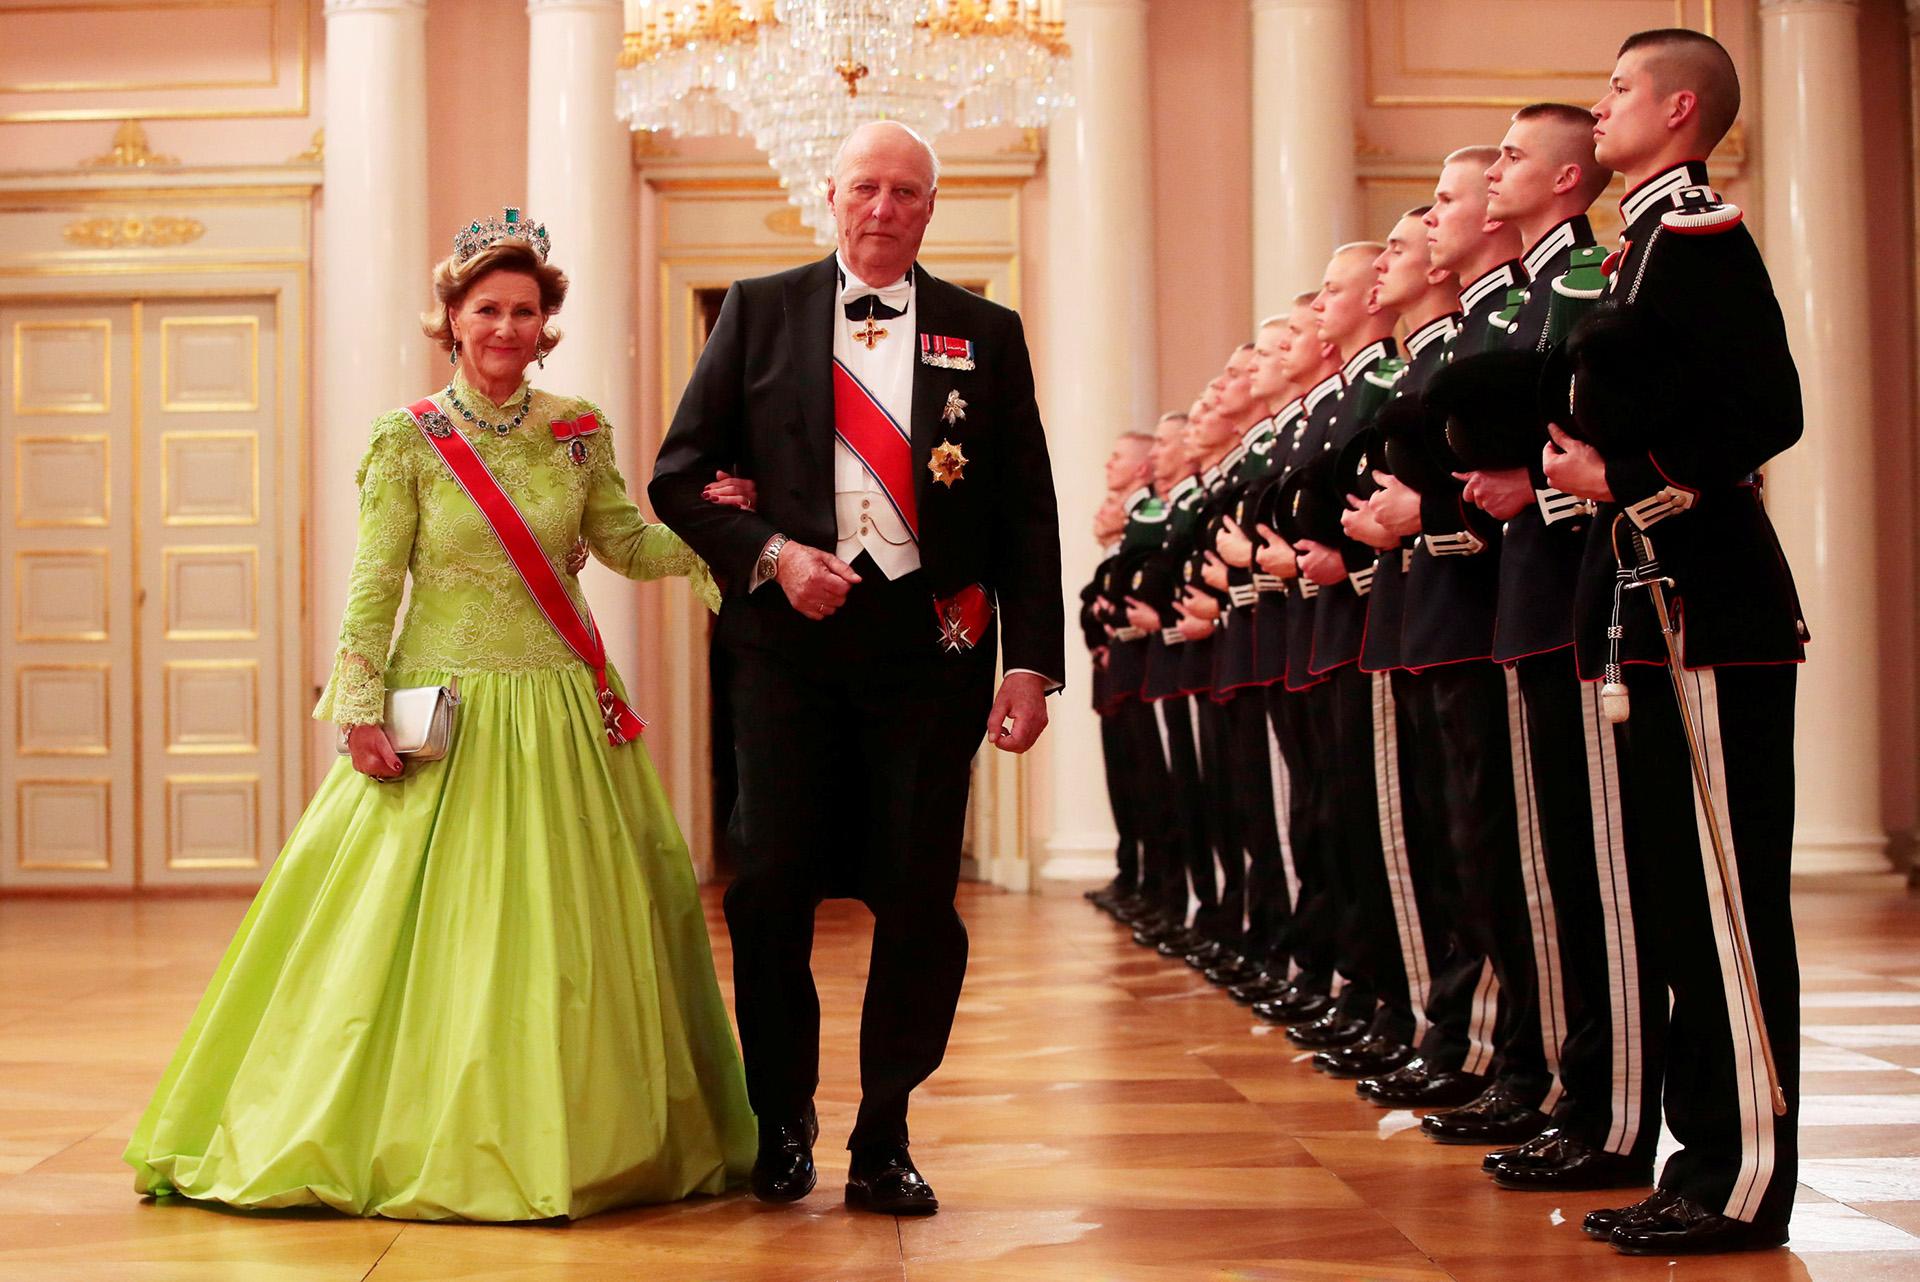 Los monarcas recibieron a los representantes de las casas reales europeas en la entrada al Palacio Real, en Oslo